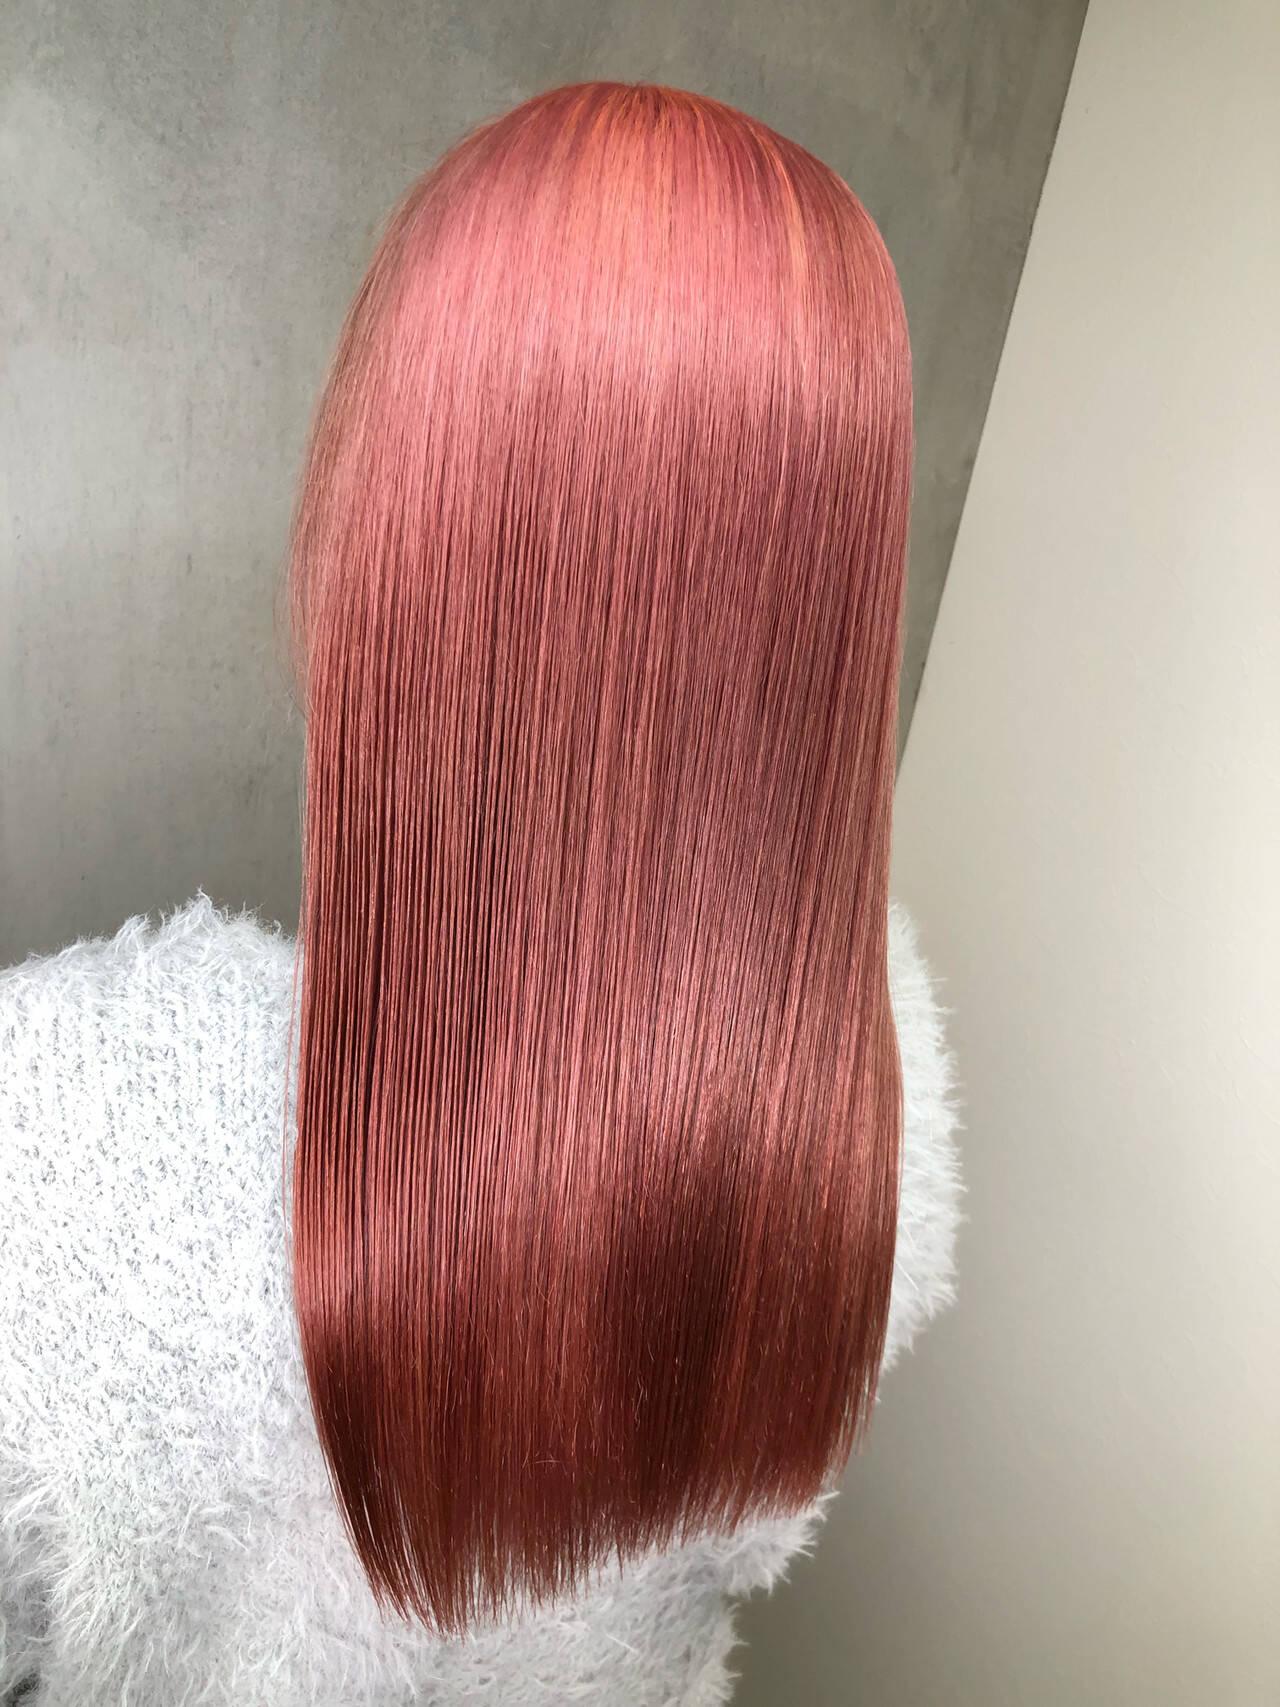 ベリーピンク セミロング ラベンダーピンク ピンクブラウンヘアスタイルや髪型の写真・画像